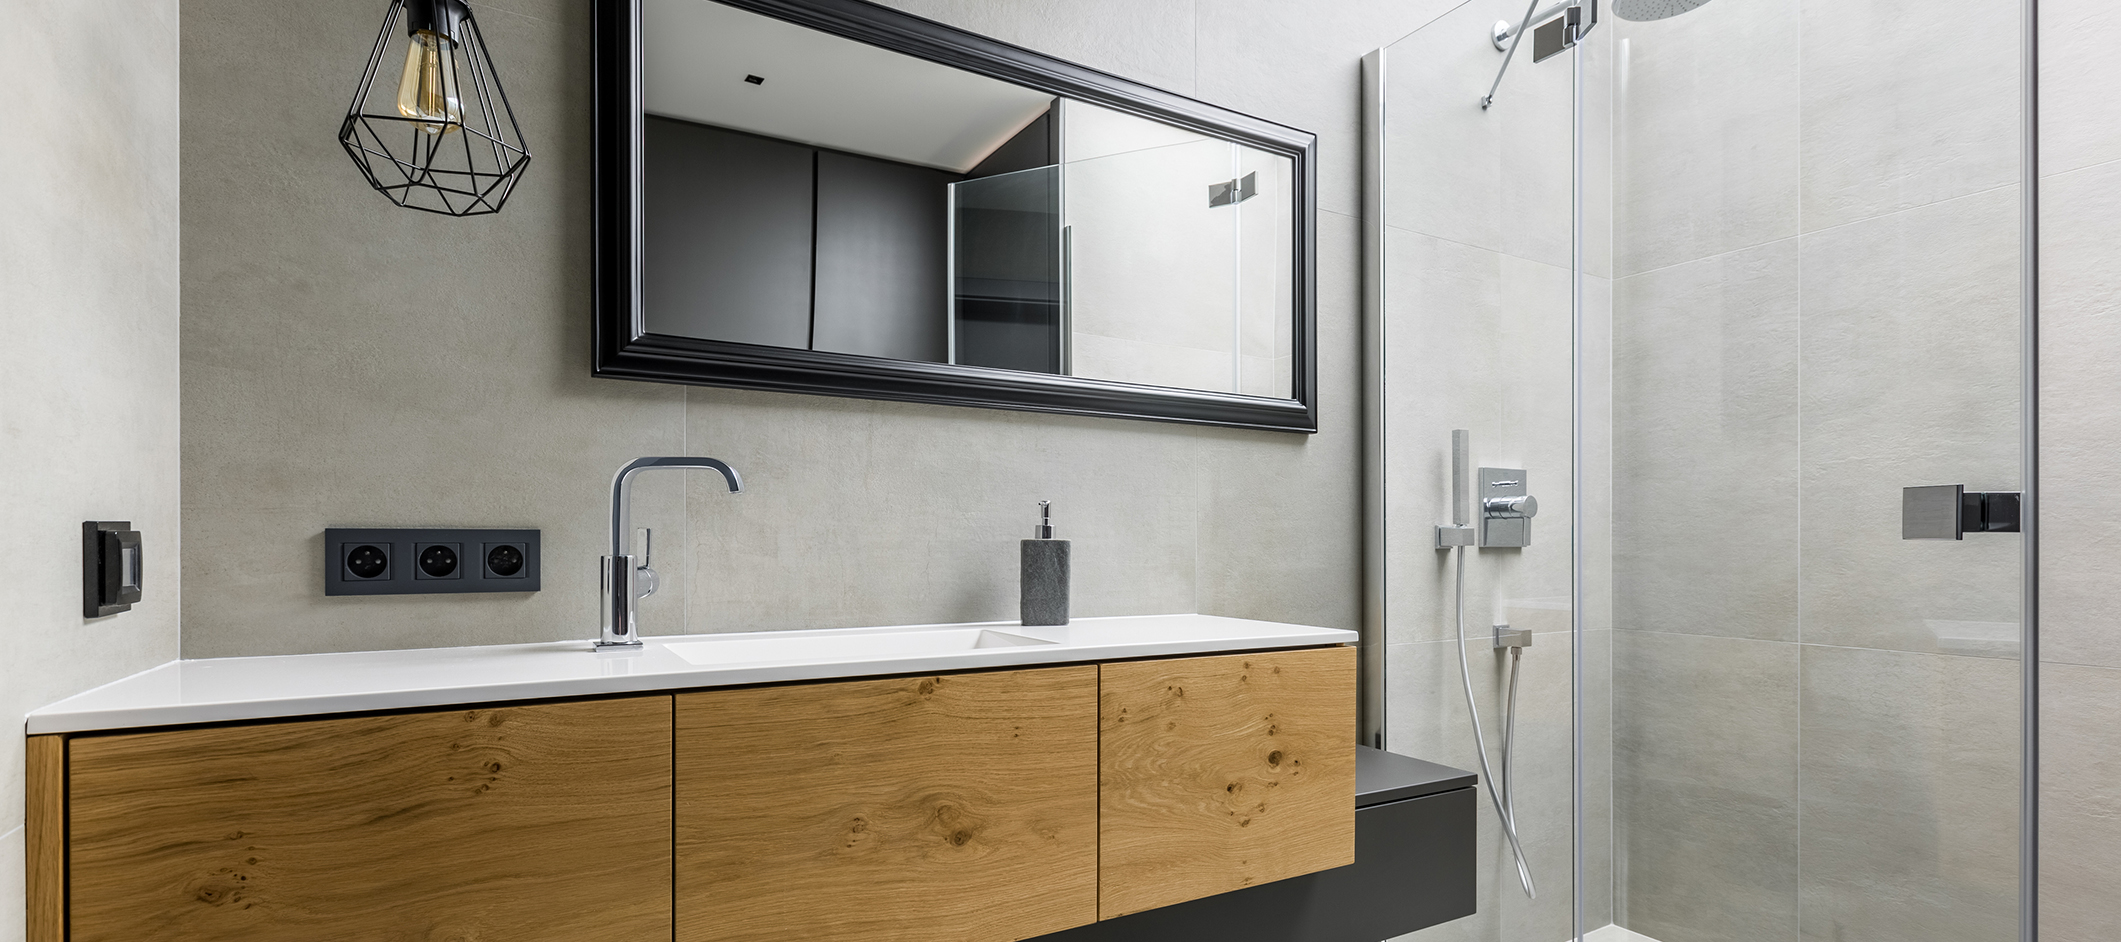 plomberie les nouvelles tendances dcoration pour la salle de bain